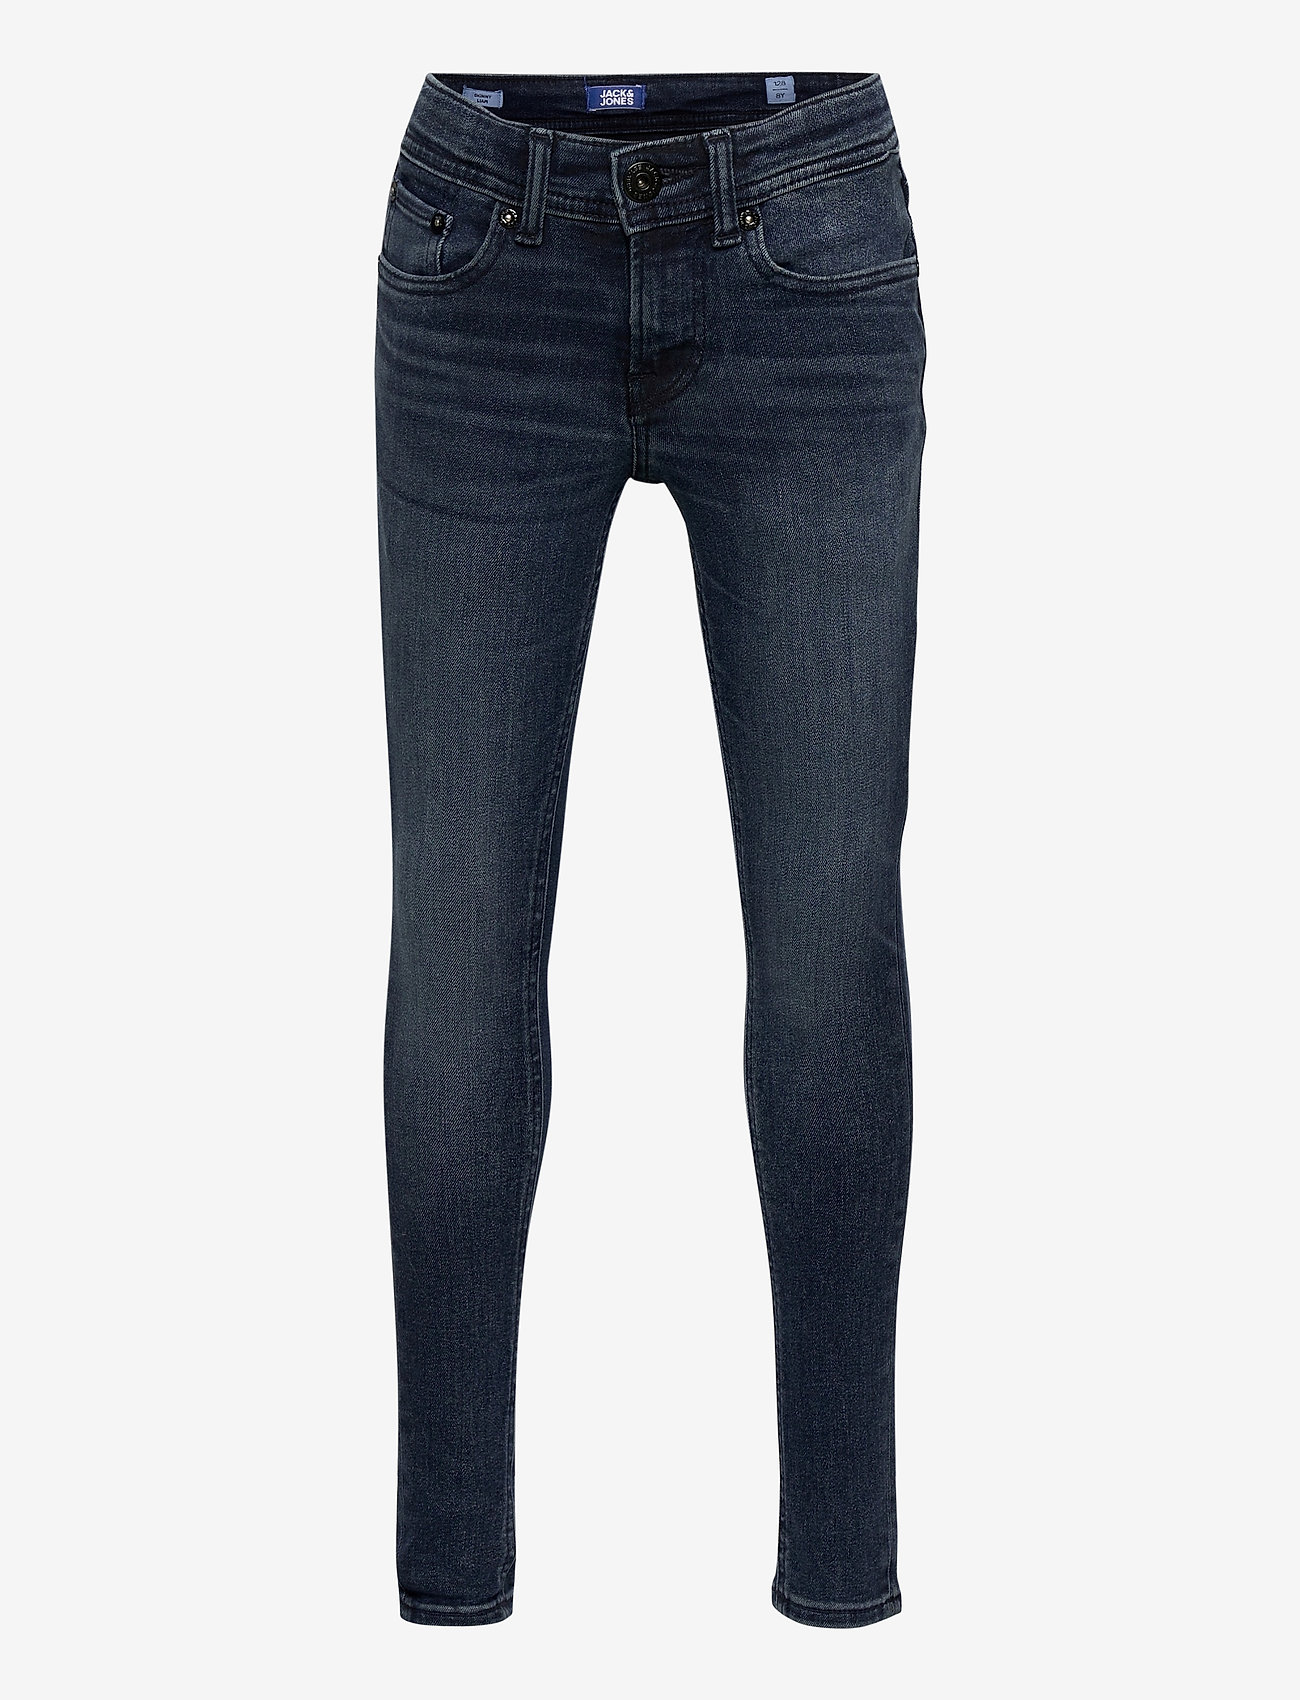 Jack & Jones - JJILIAM JJORIGINAL AM 812 NOOS JR - jeans - blue denim - 0